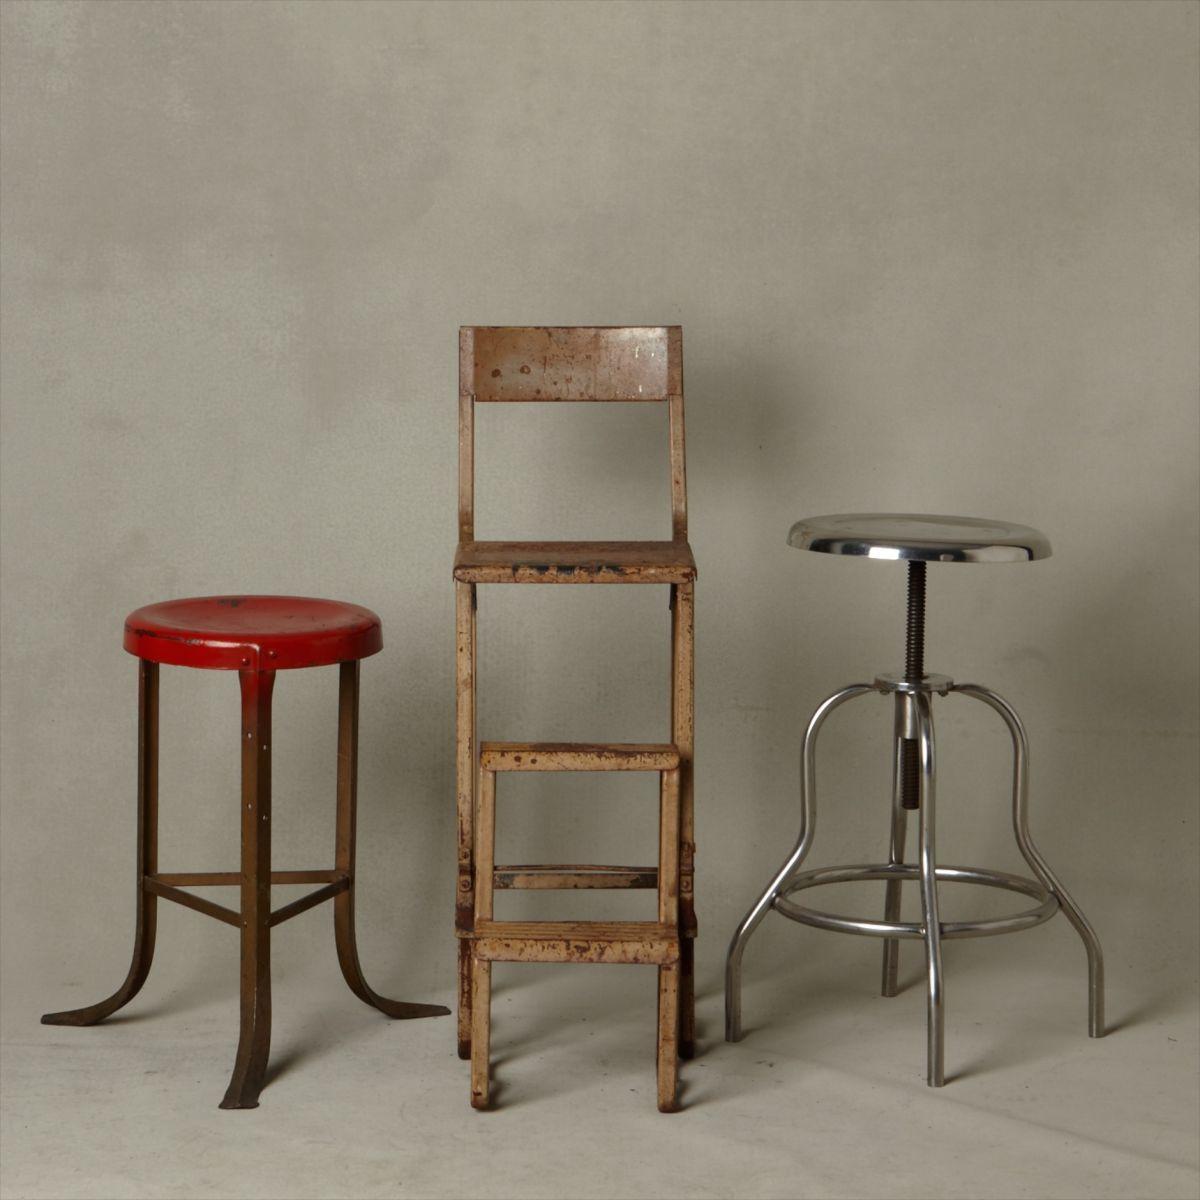 1d106299_stools_005_jose